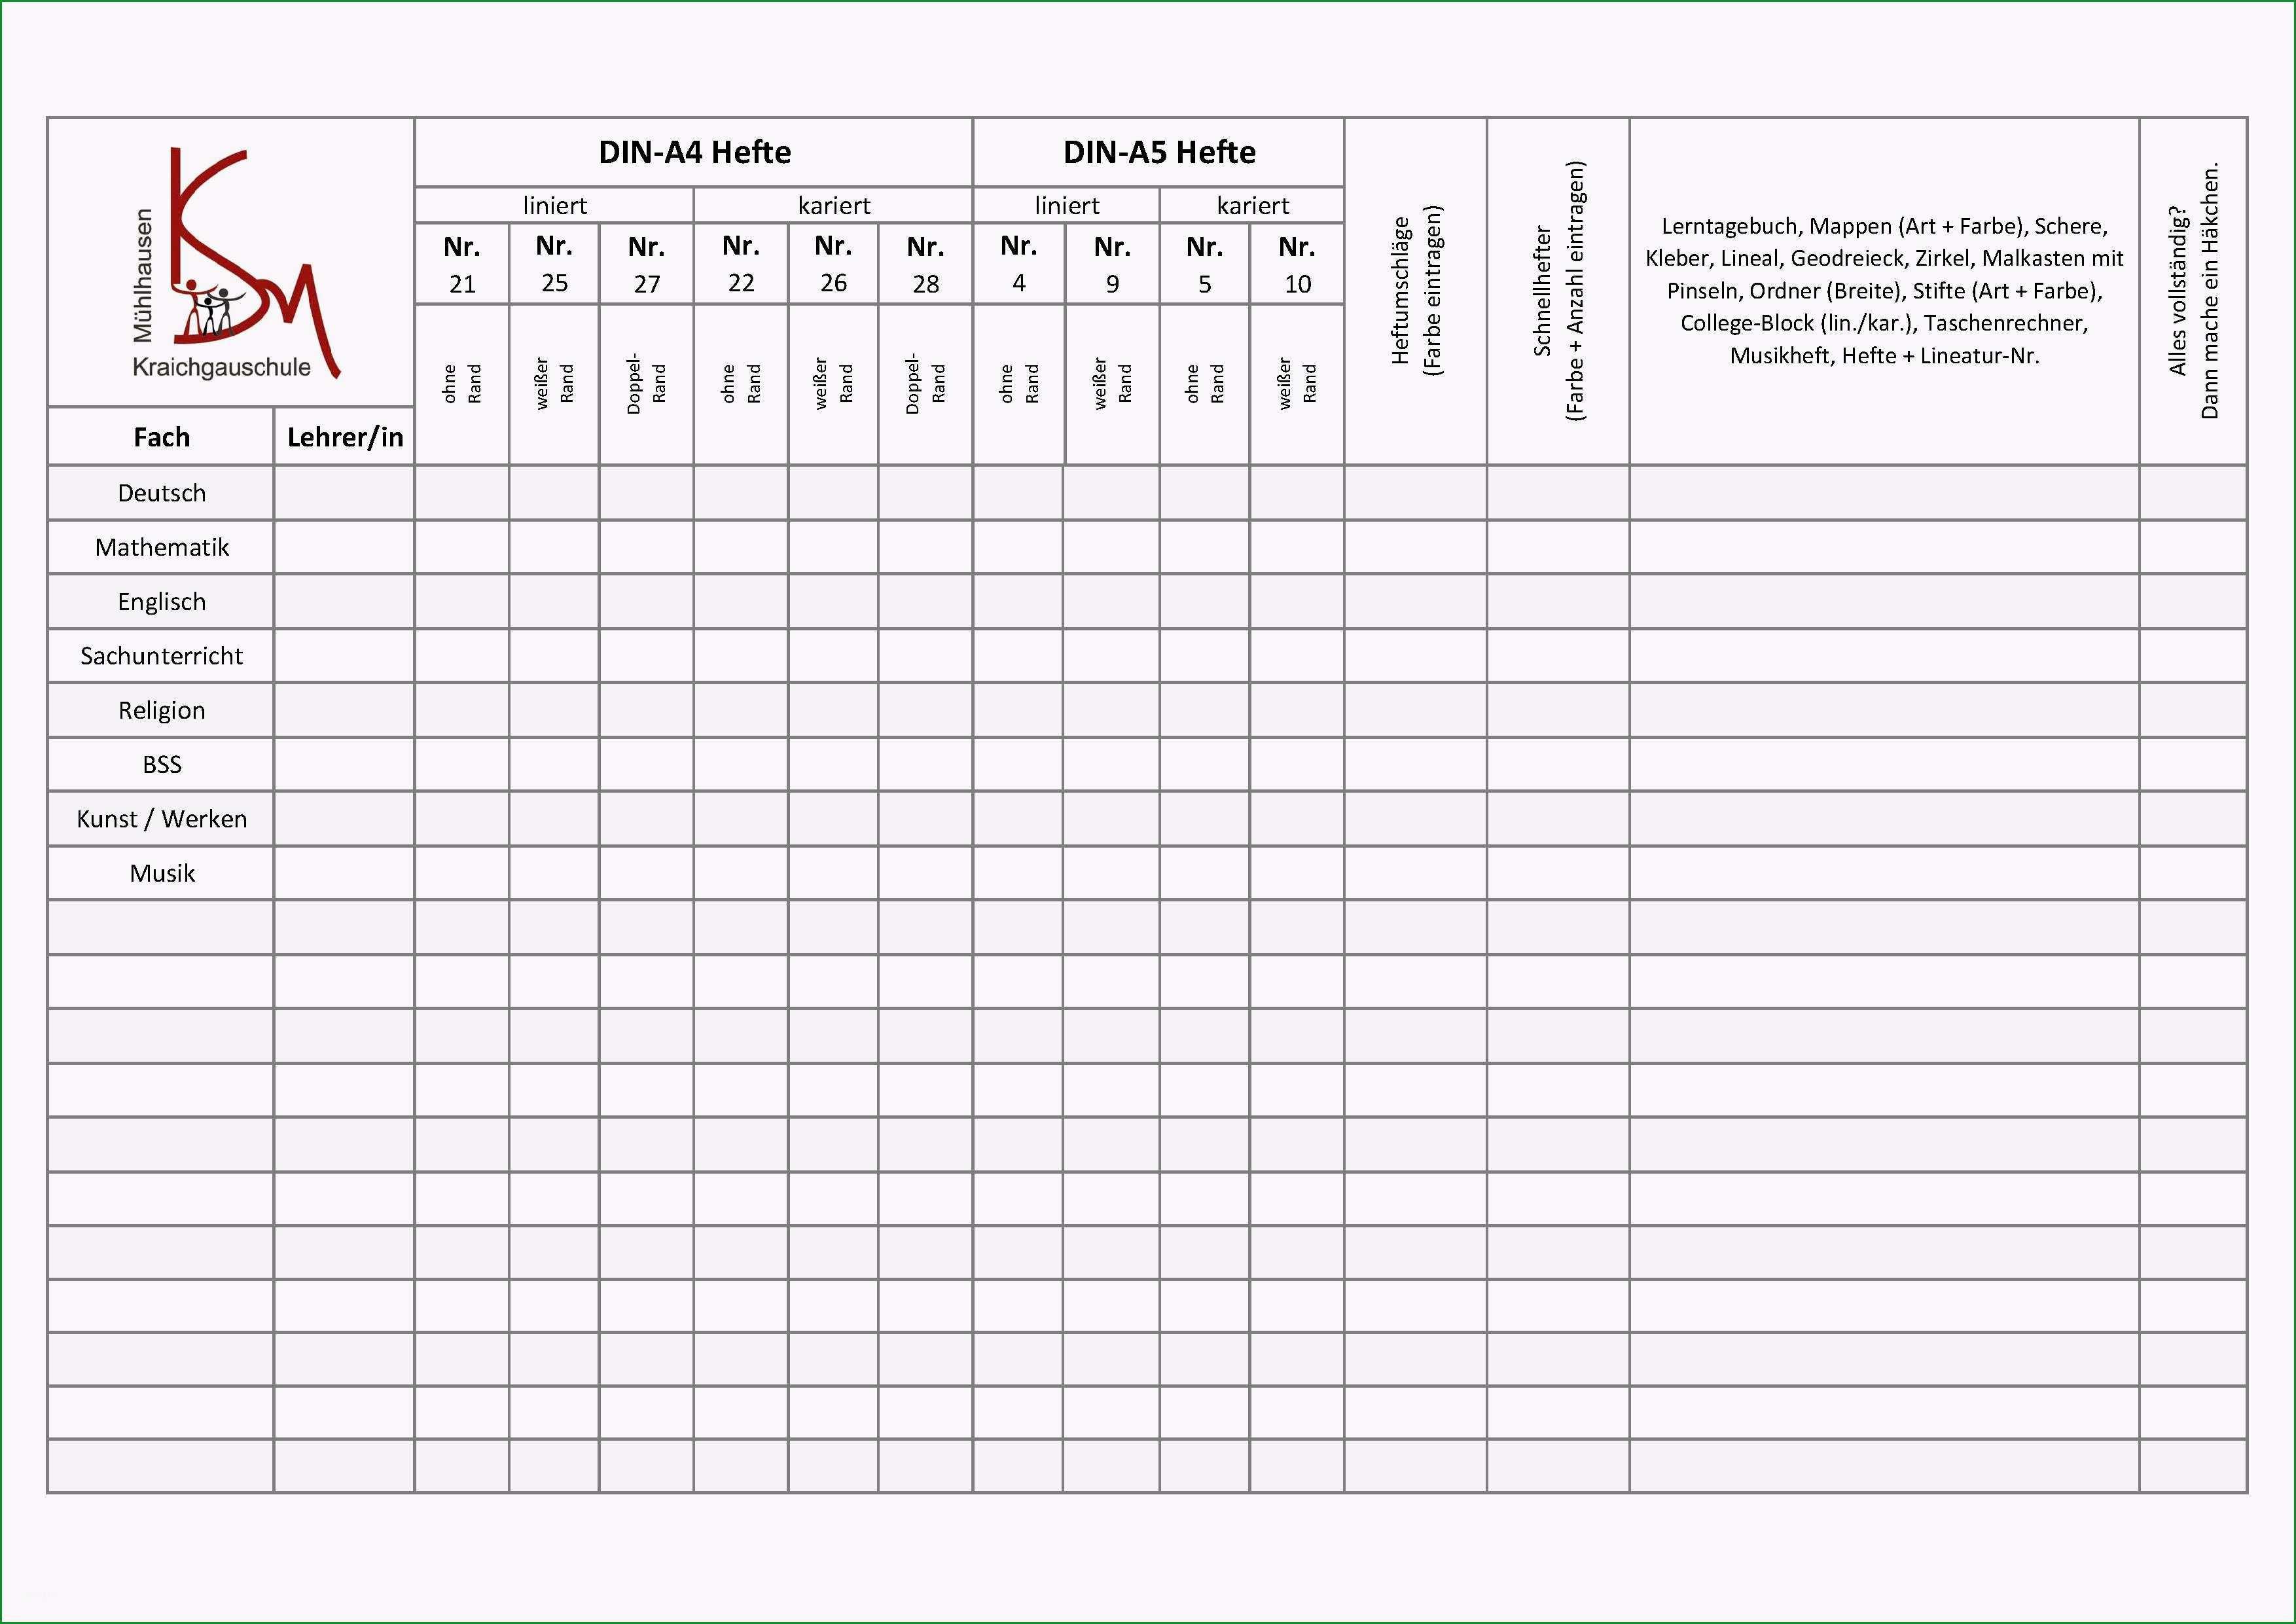 erganze folgende figuren so dass sie sind und avec zirkel muster vorlage et page 6 36 zirkel muster vorlage sur la cat gorie dekorationsideen und raumfarben